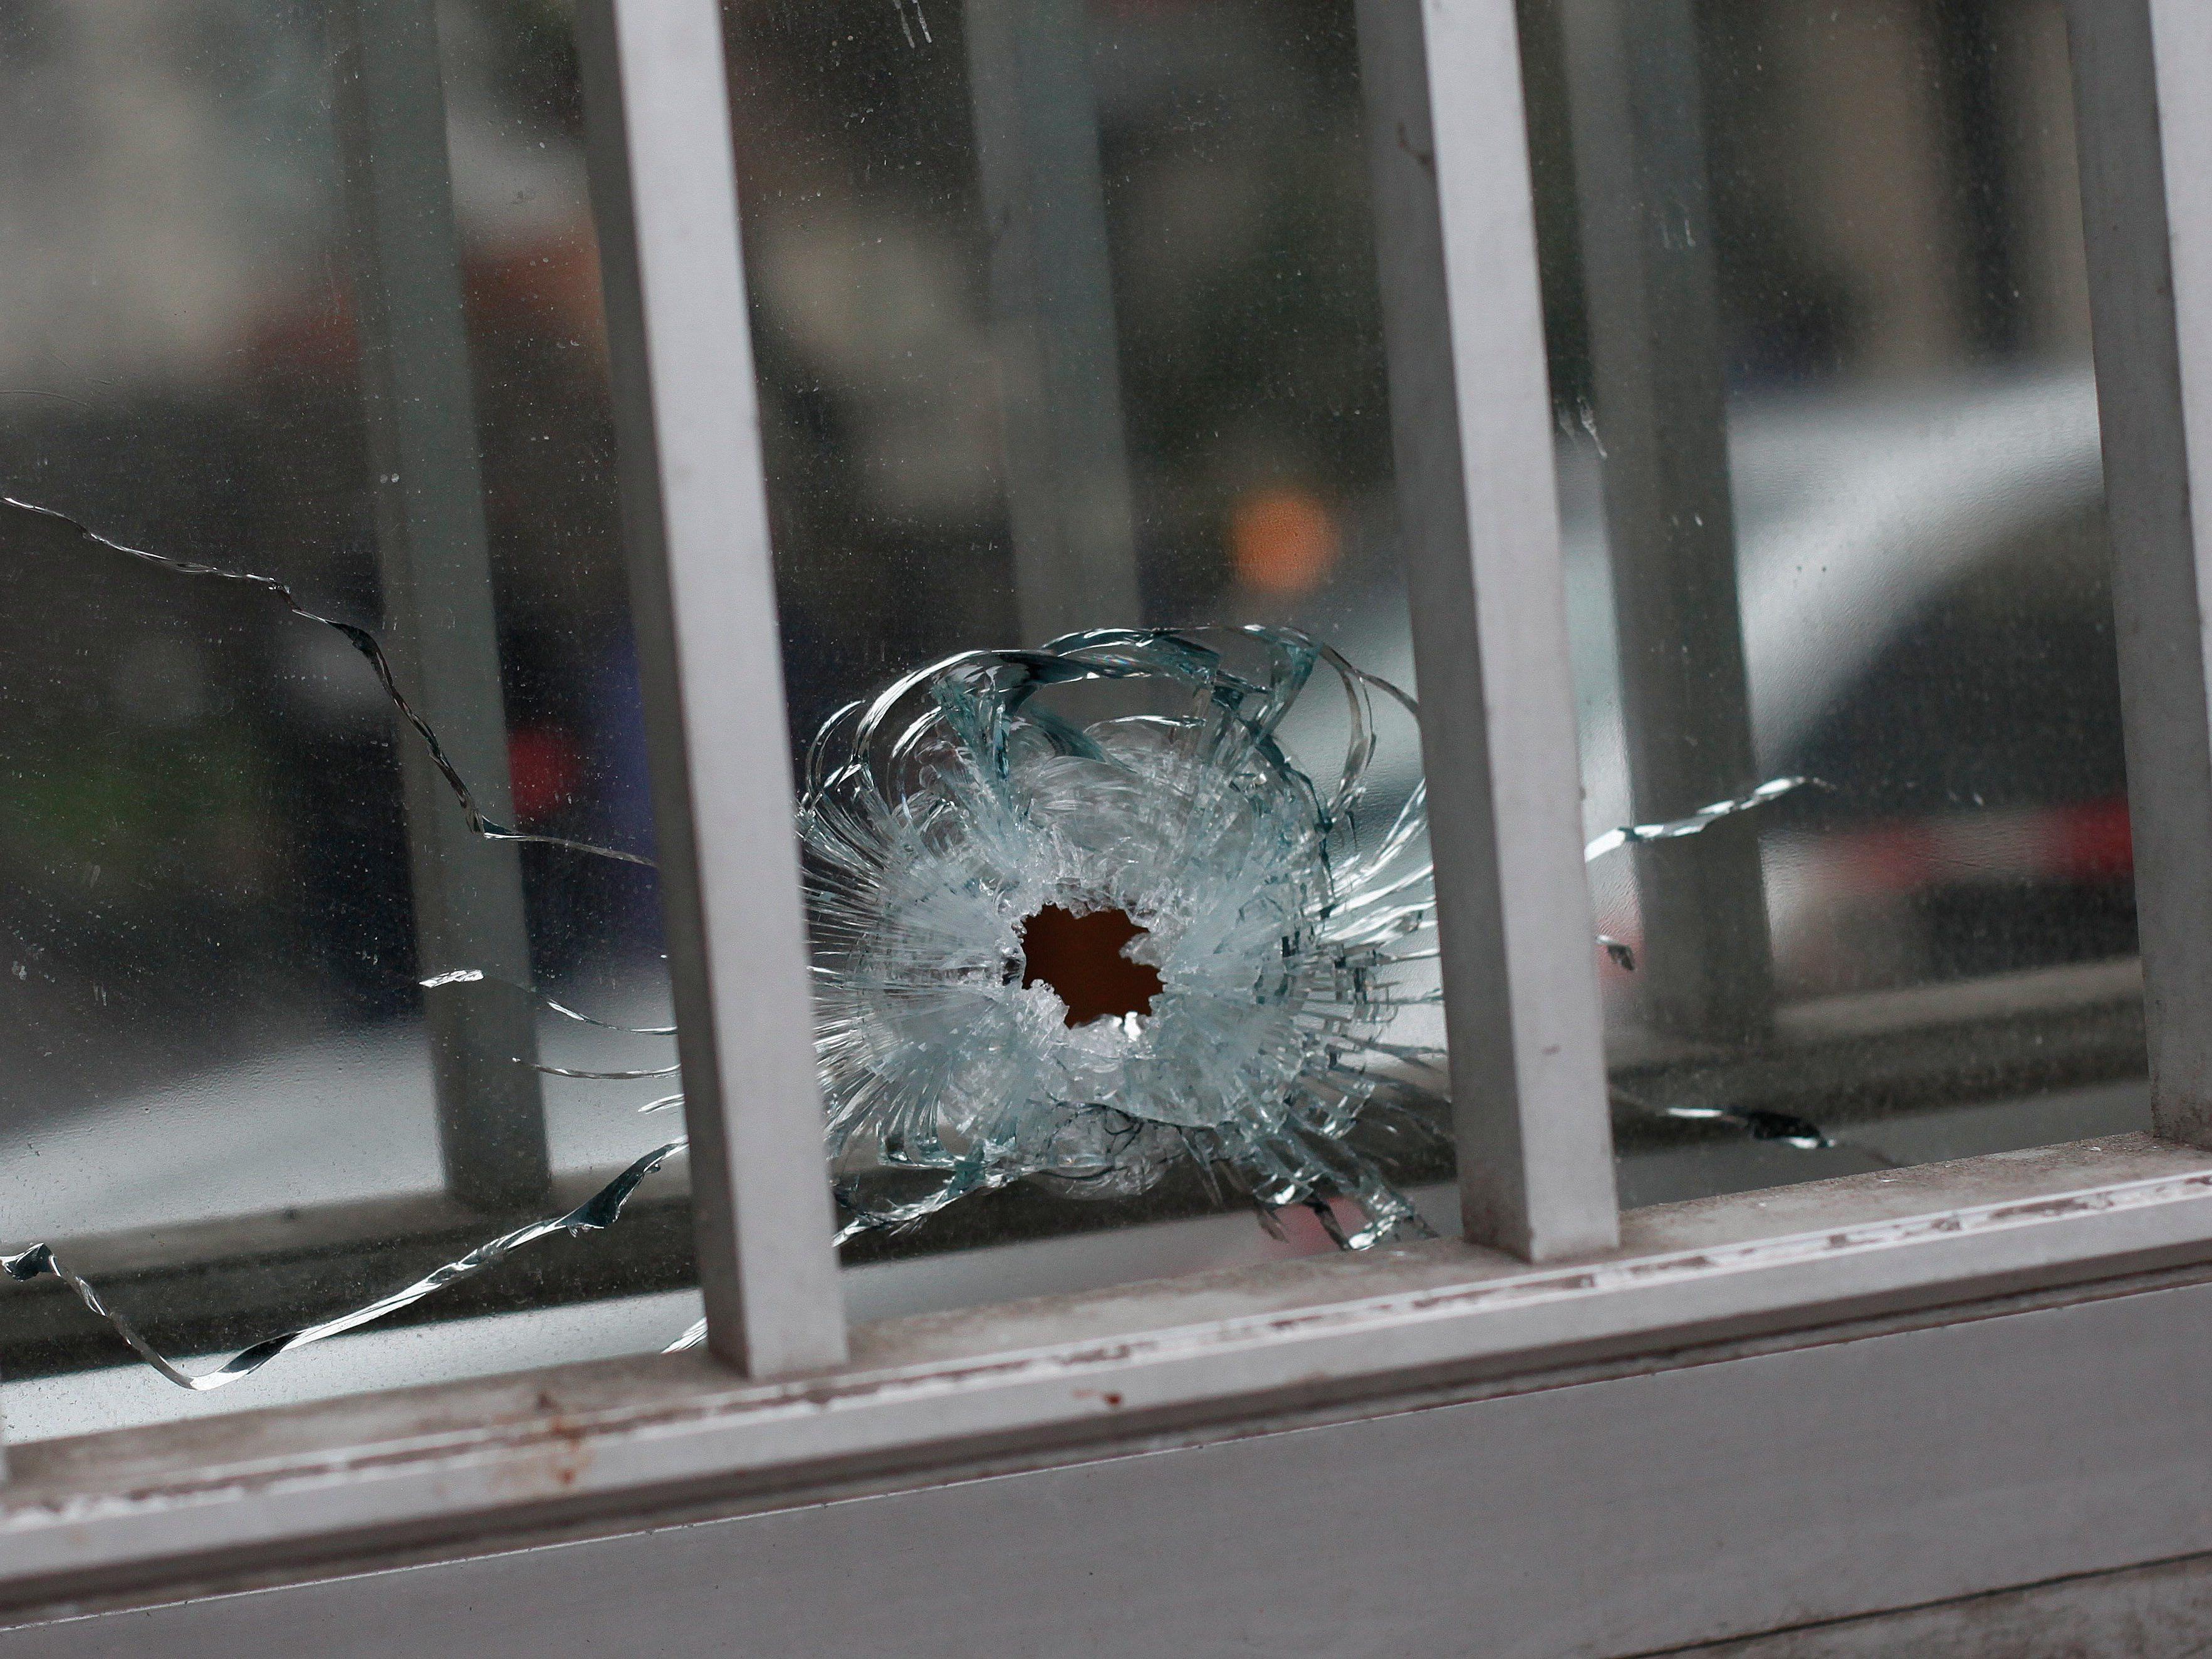 Die Bilder von der Tötung eines Polizisten sorgen für Aufregung.